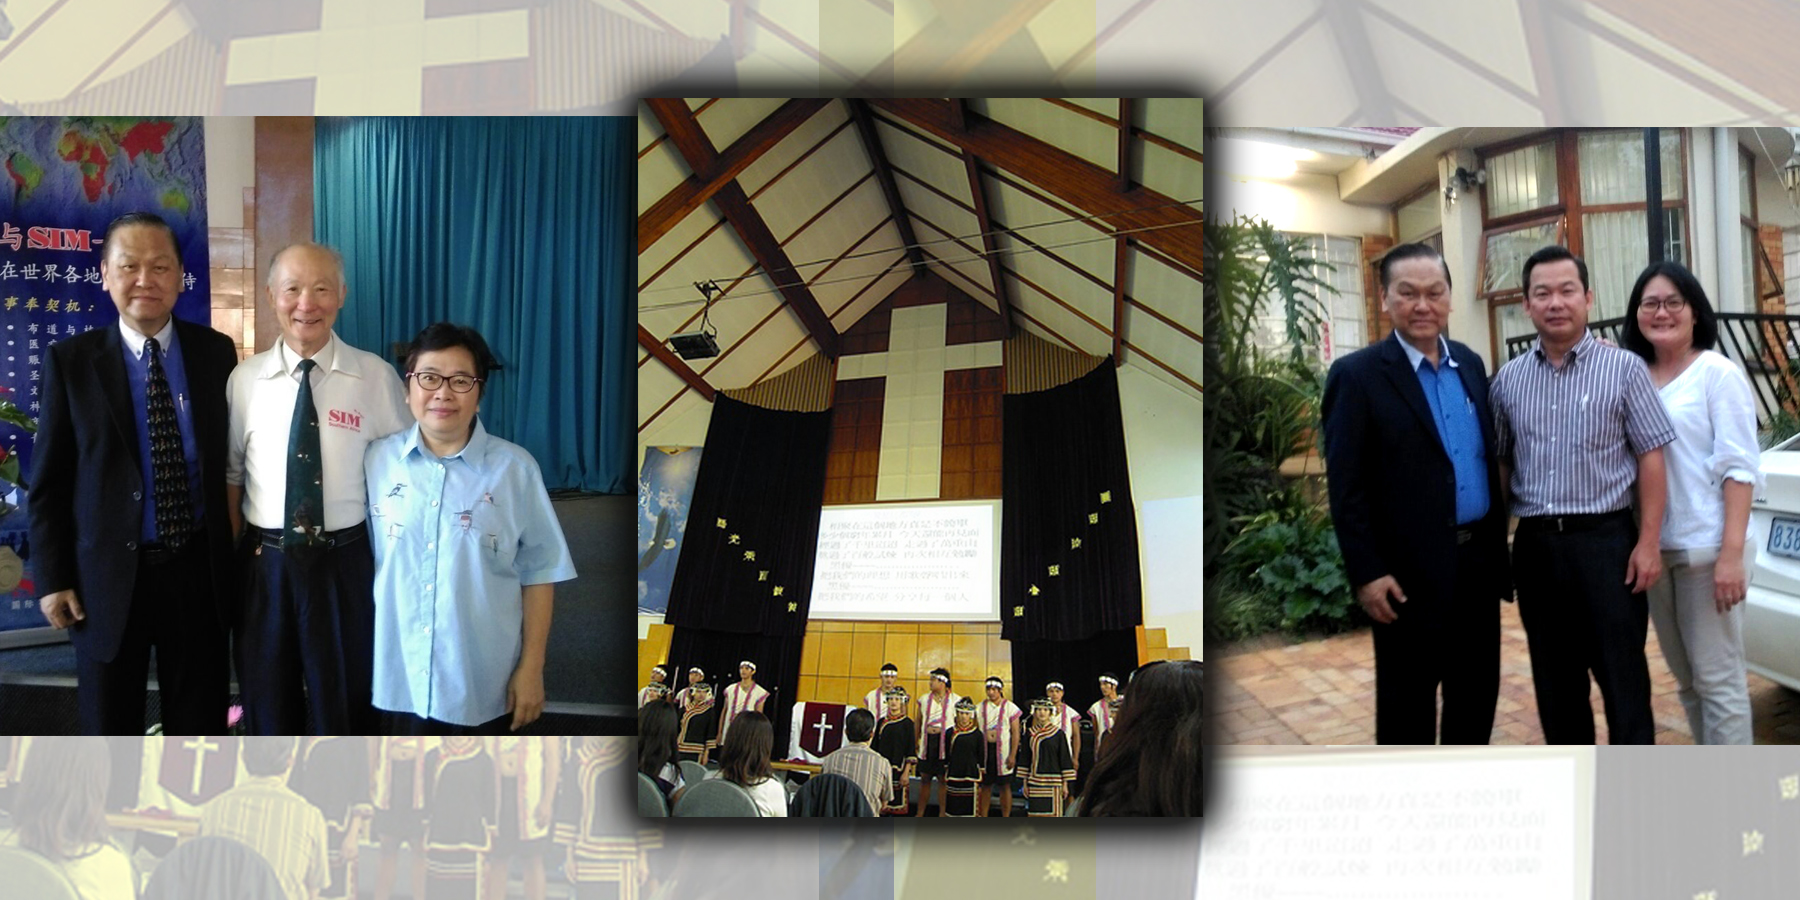 SA2 churches.jpg